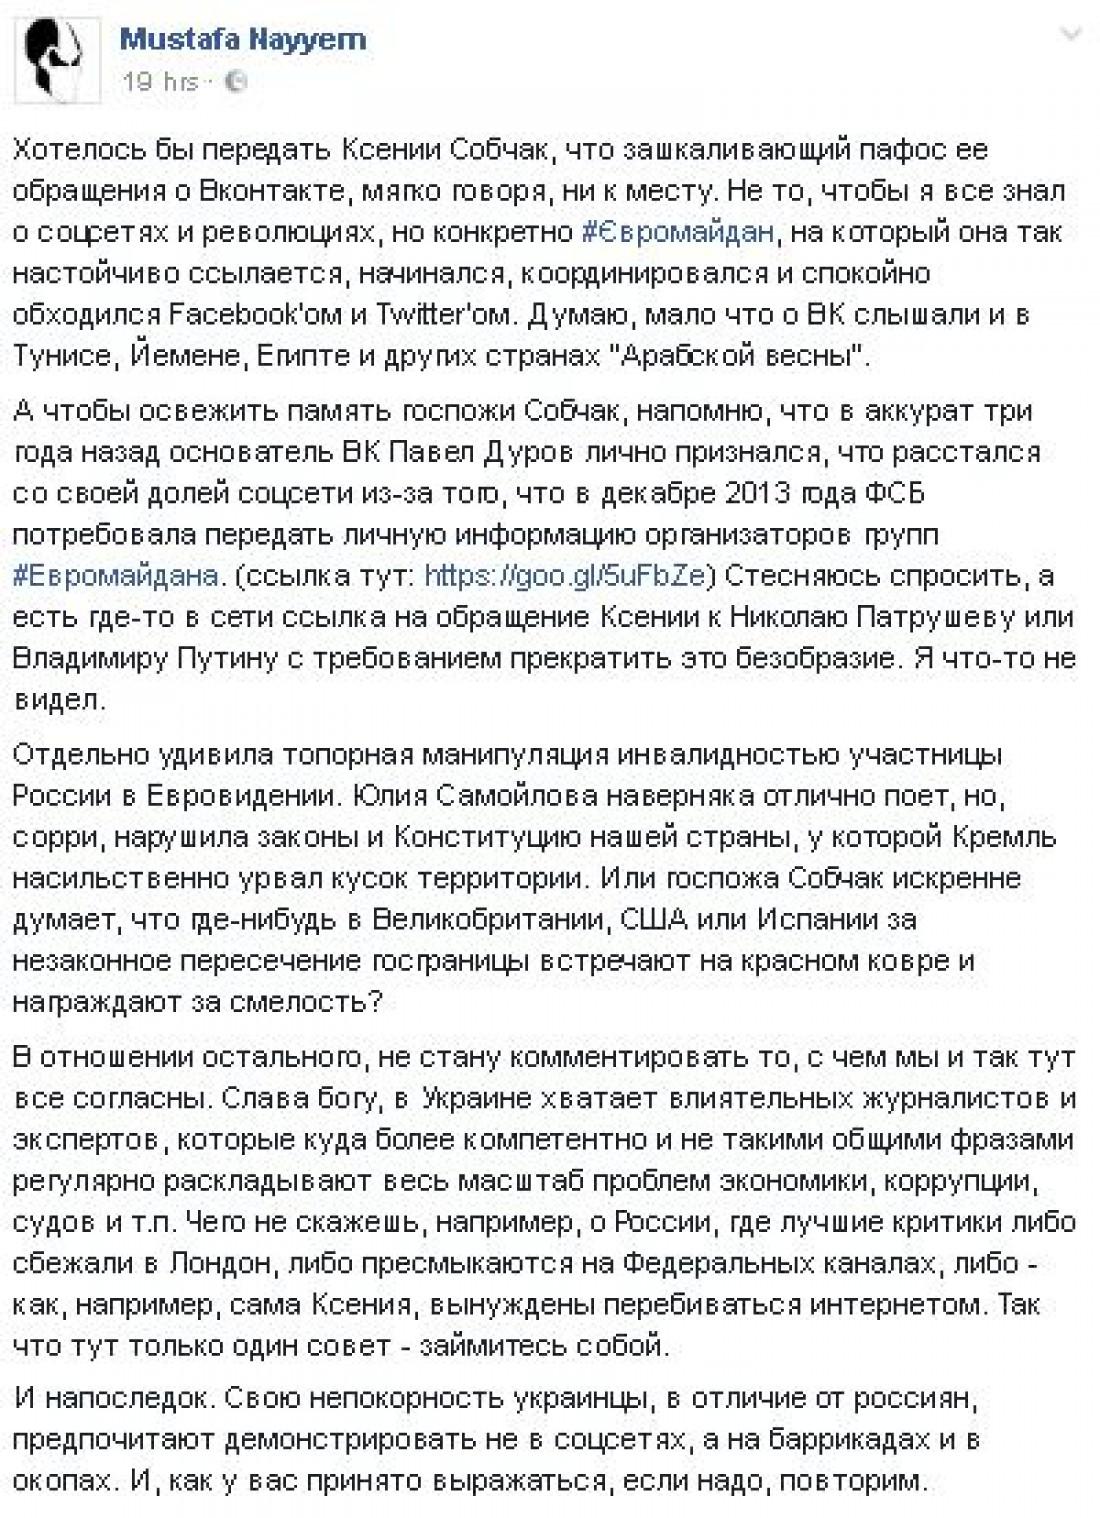 Обращение Мустафы Найема к Ксении Собчак